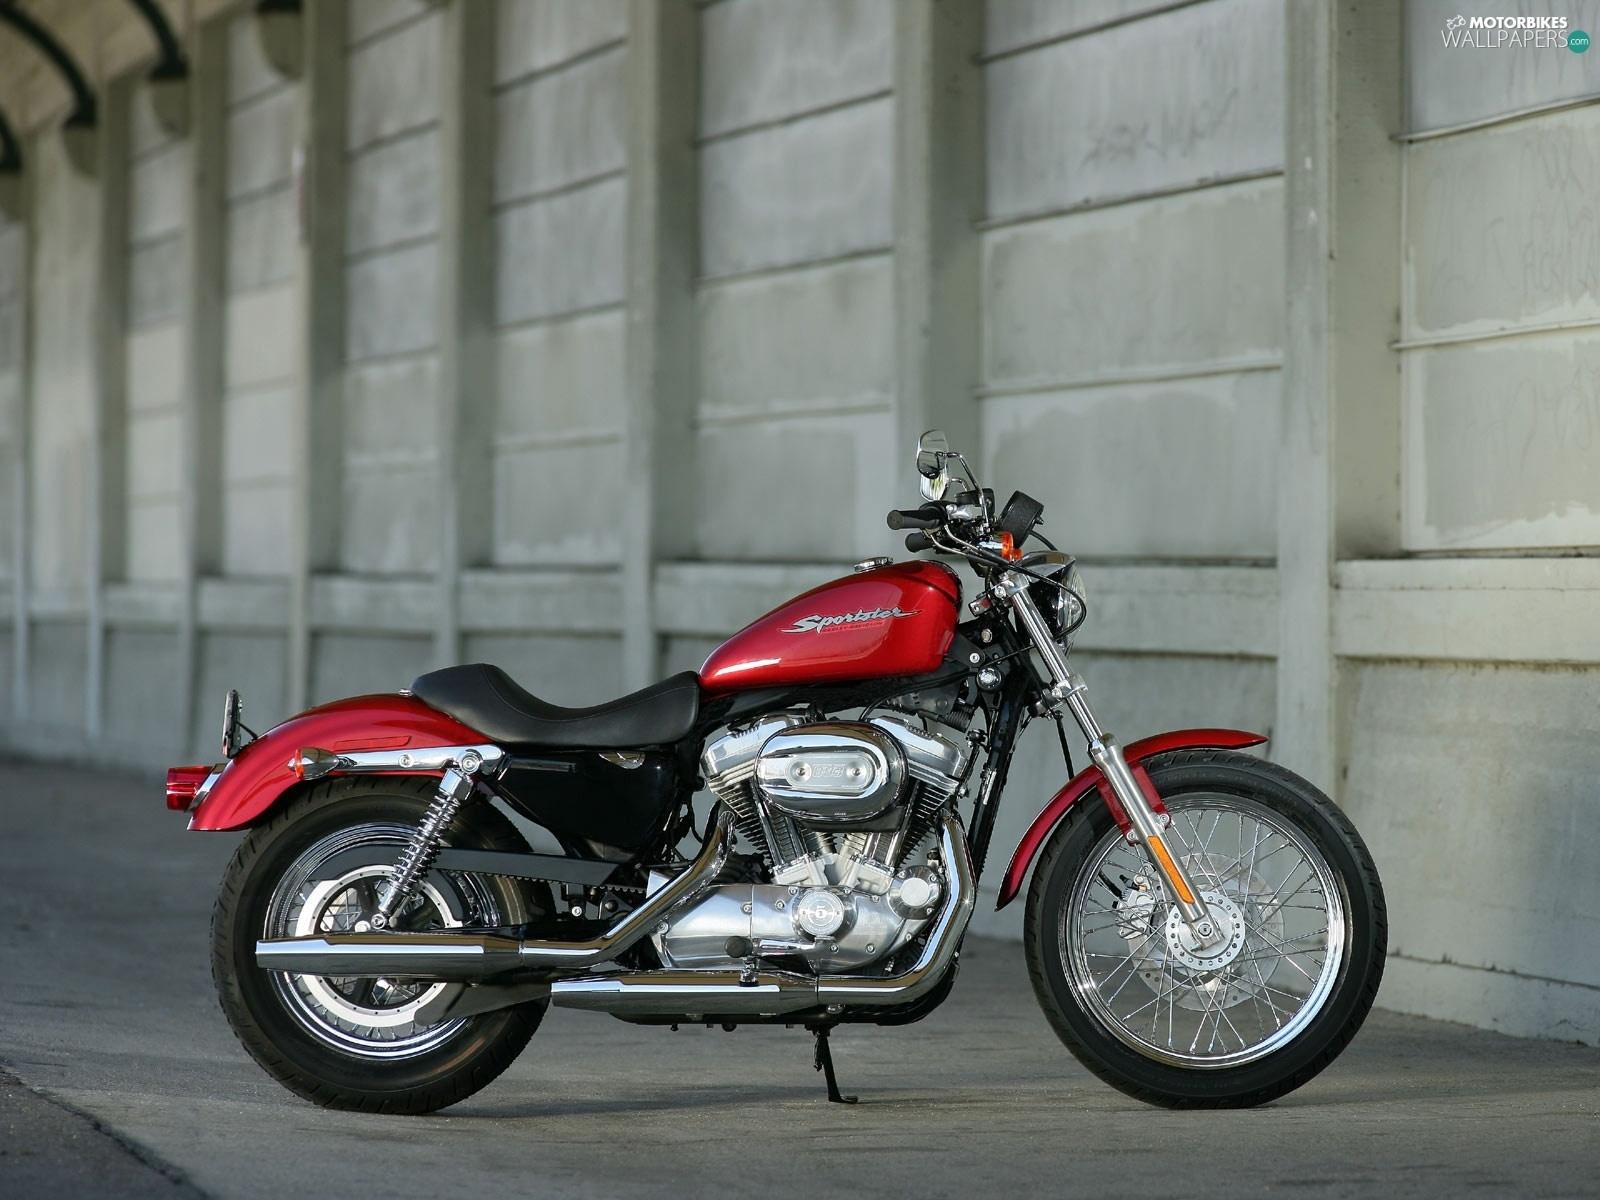 engine harley davidson xl883 sportster caps motorbikes. Black Bedroom Furniture Sets. Home Design Ideas